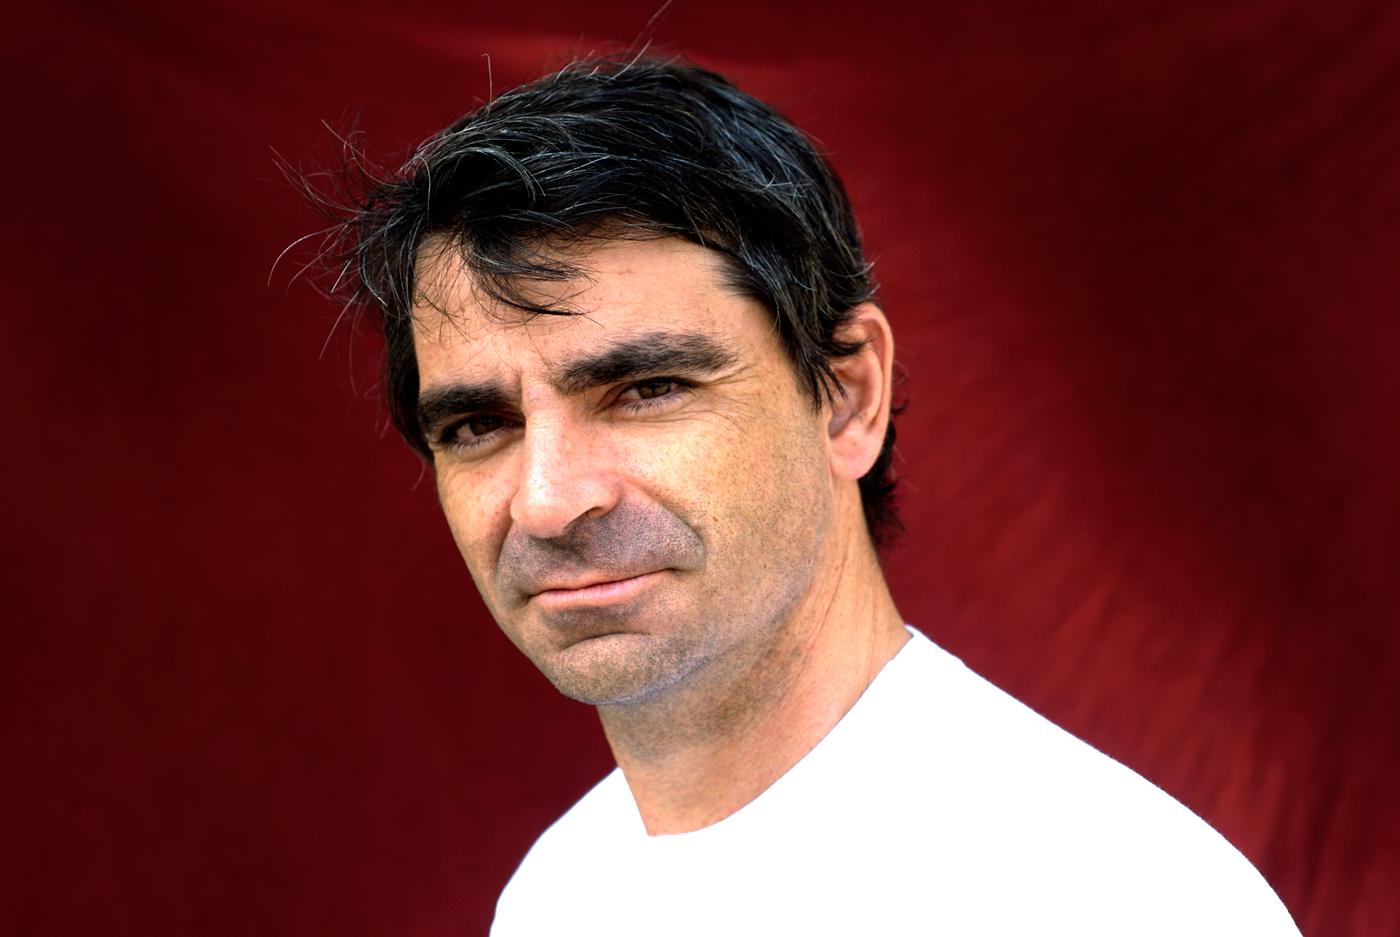 Novelist Joseph O'Neill